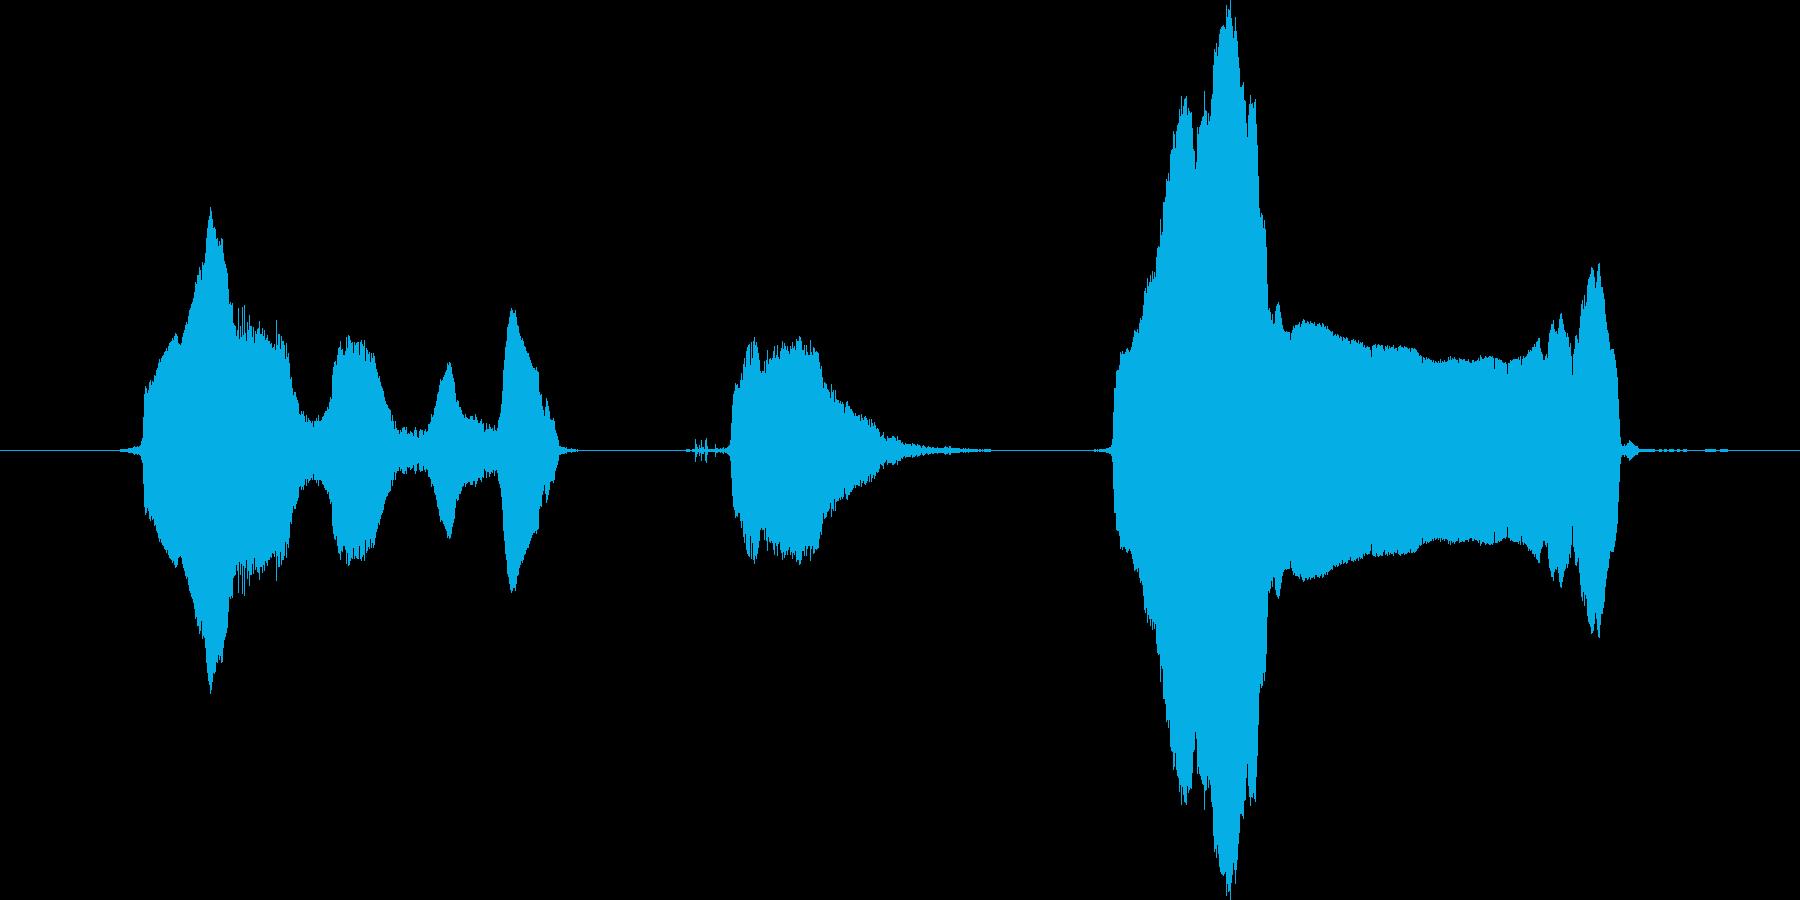 にゅふふふ、にゃーんの再生済みの波形